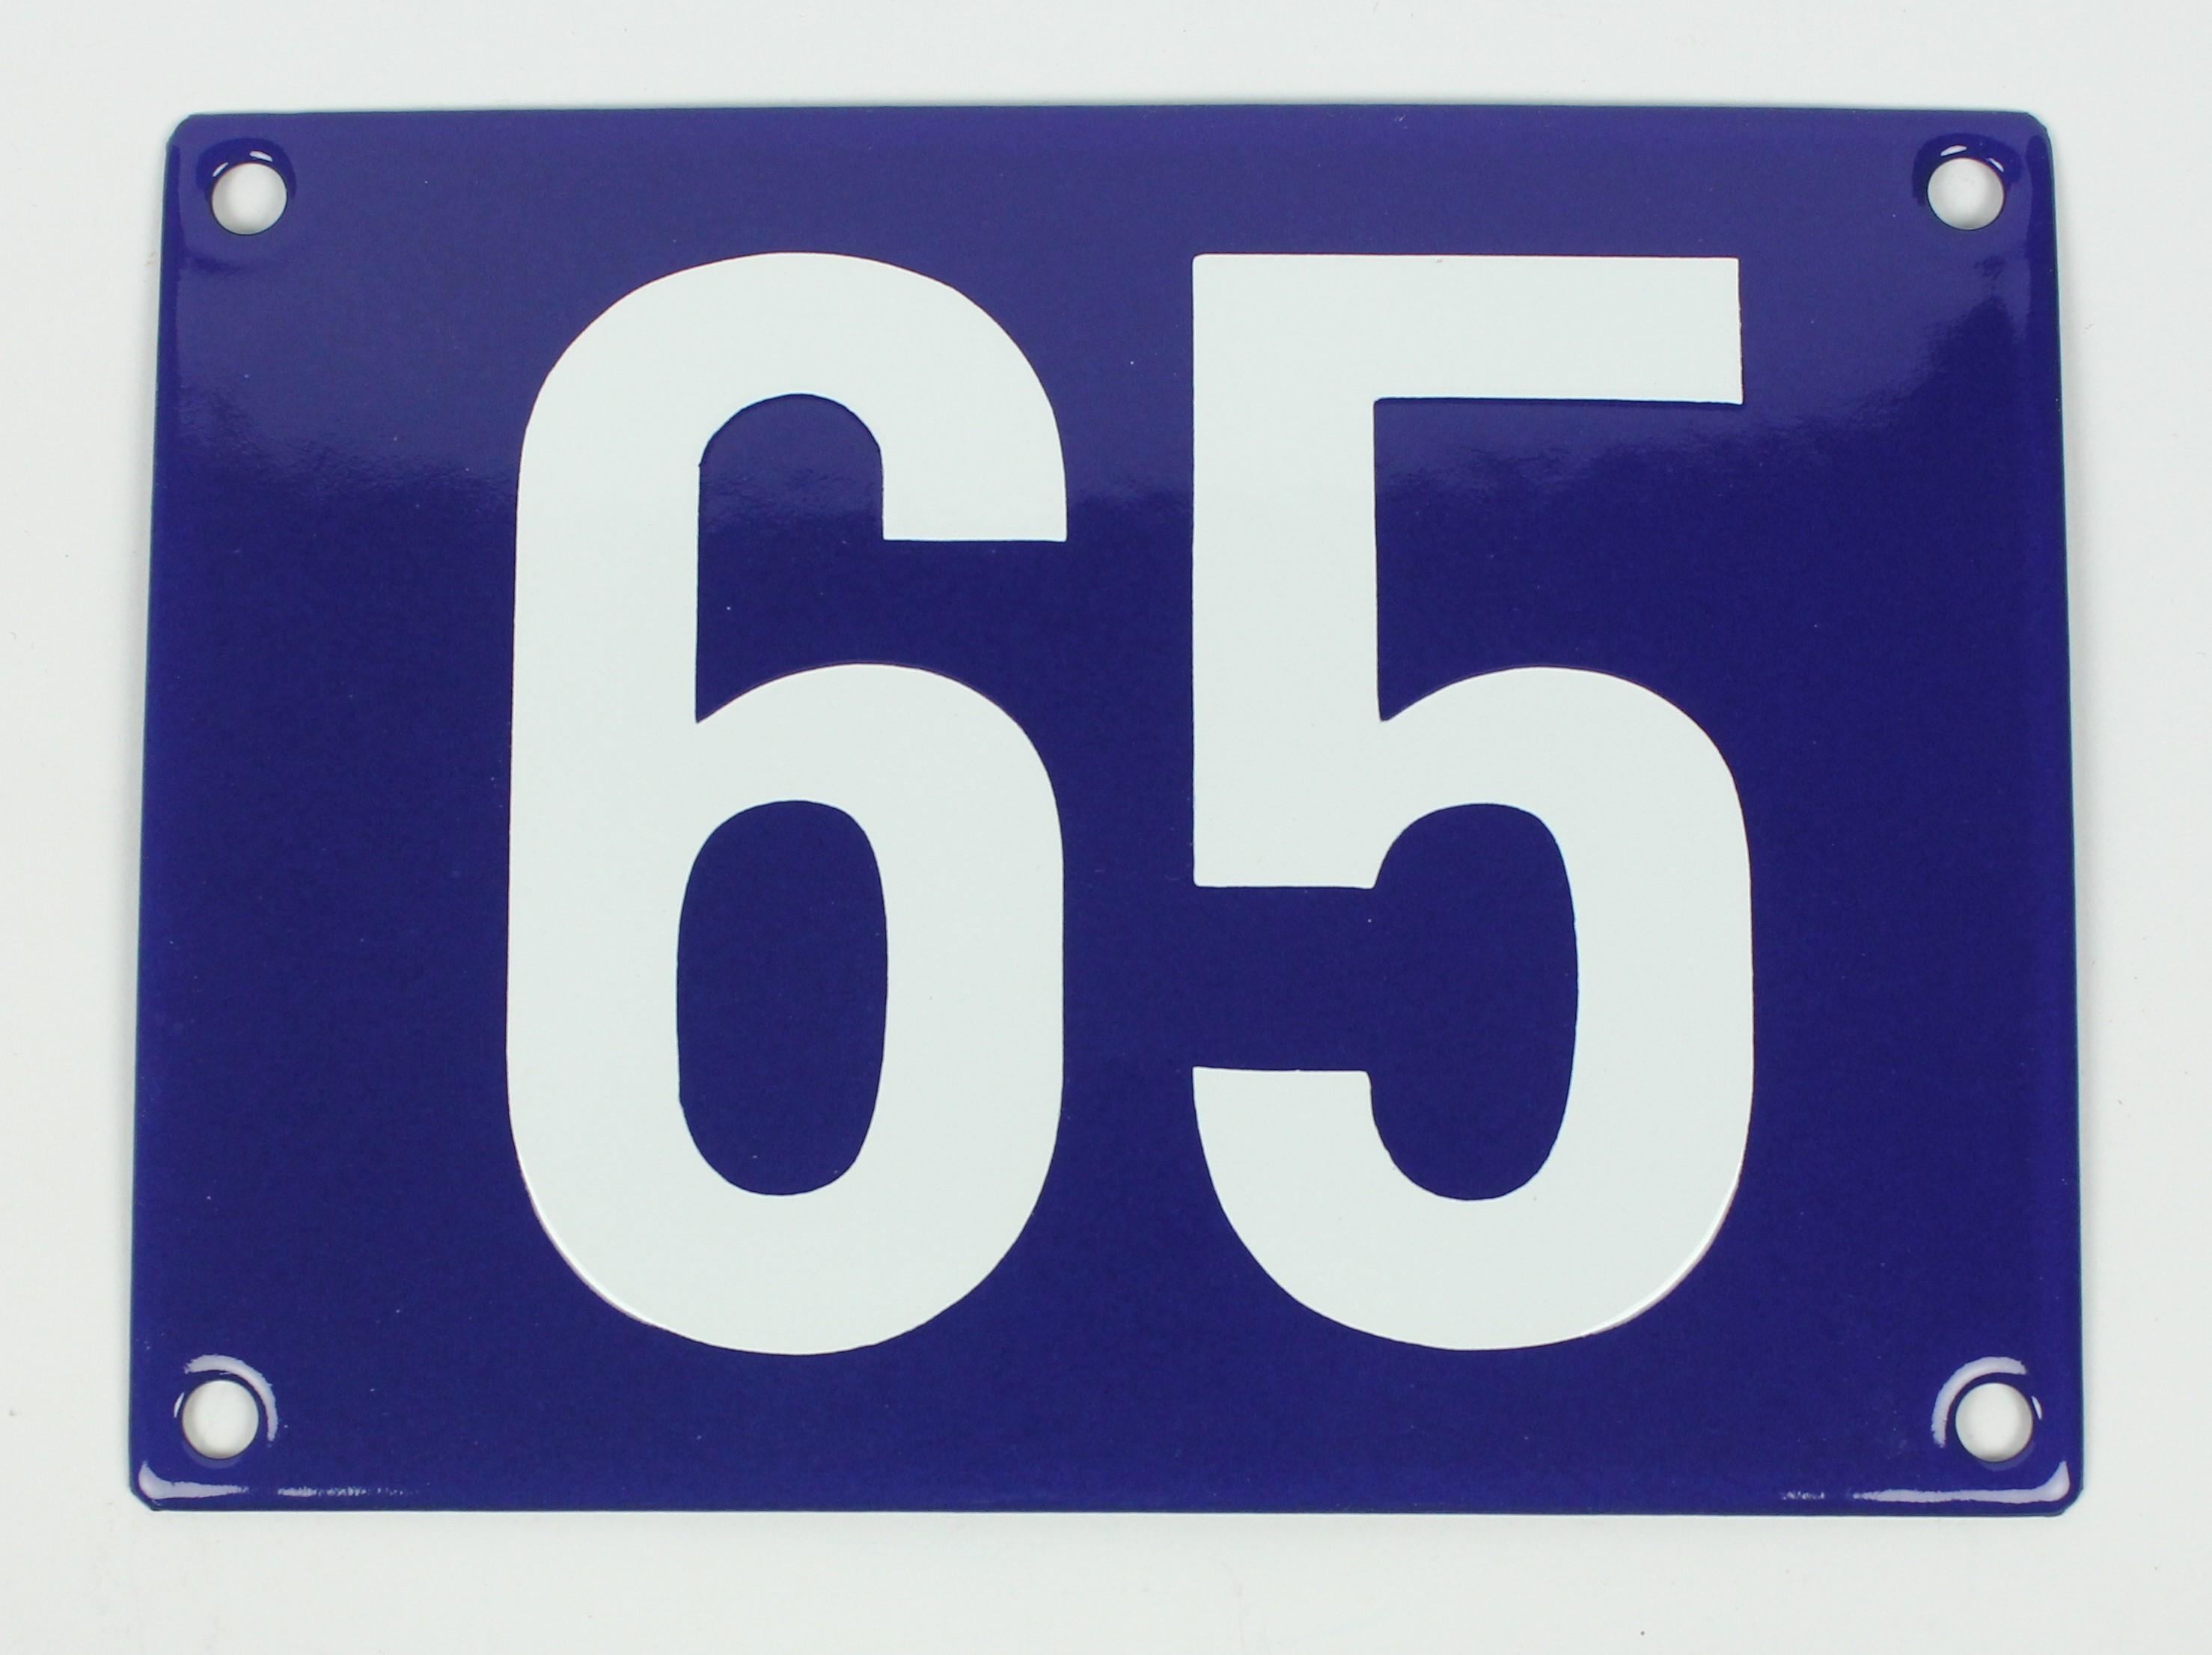 65 Ohne Rahmen blau Blockschrift 12x18 cm sofort lieferbar Schild ...